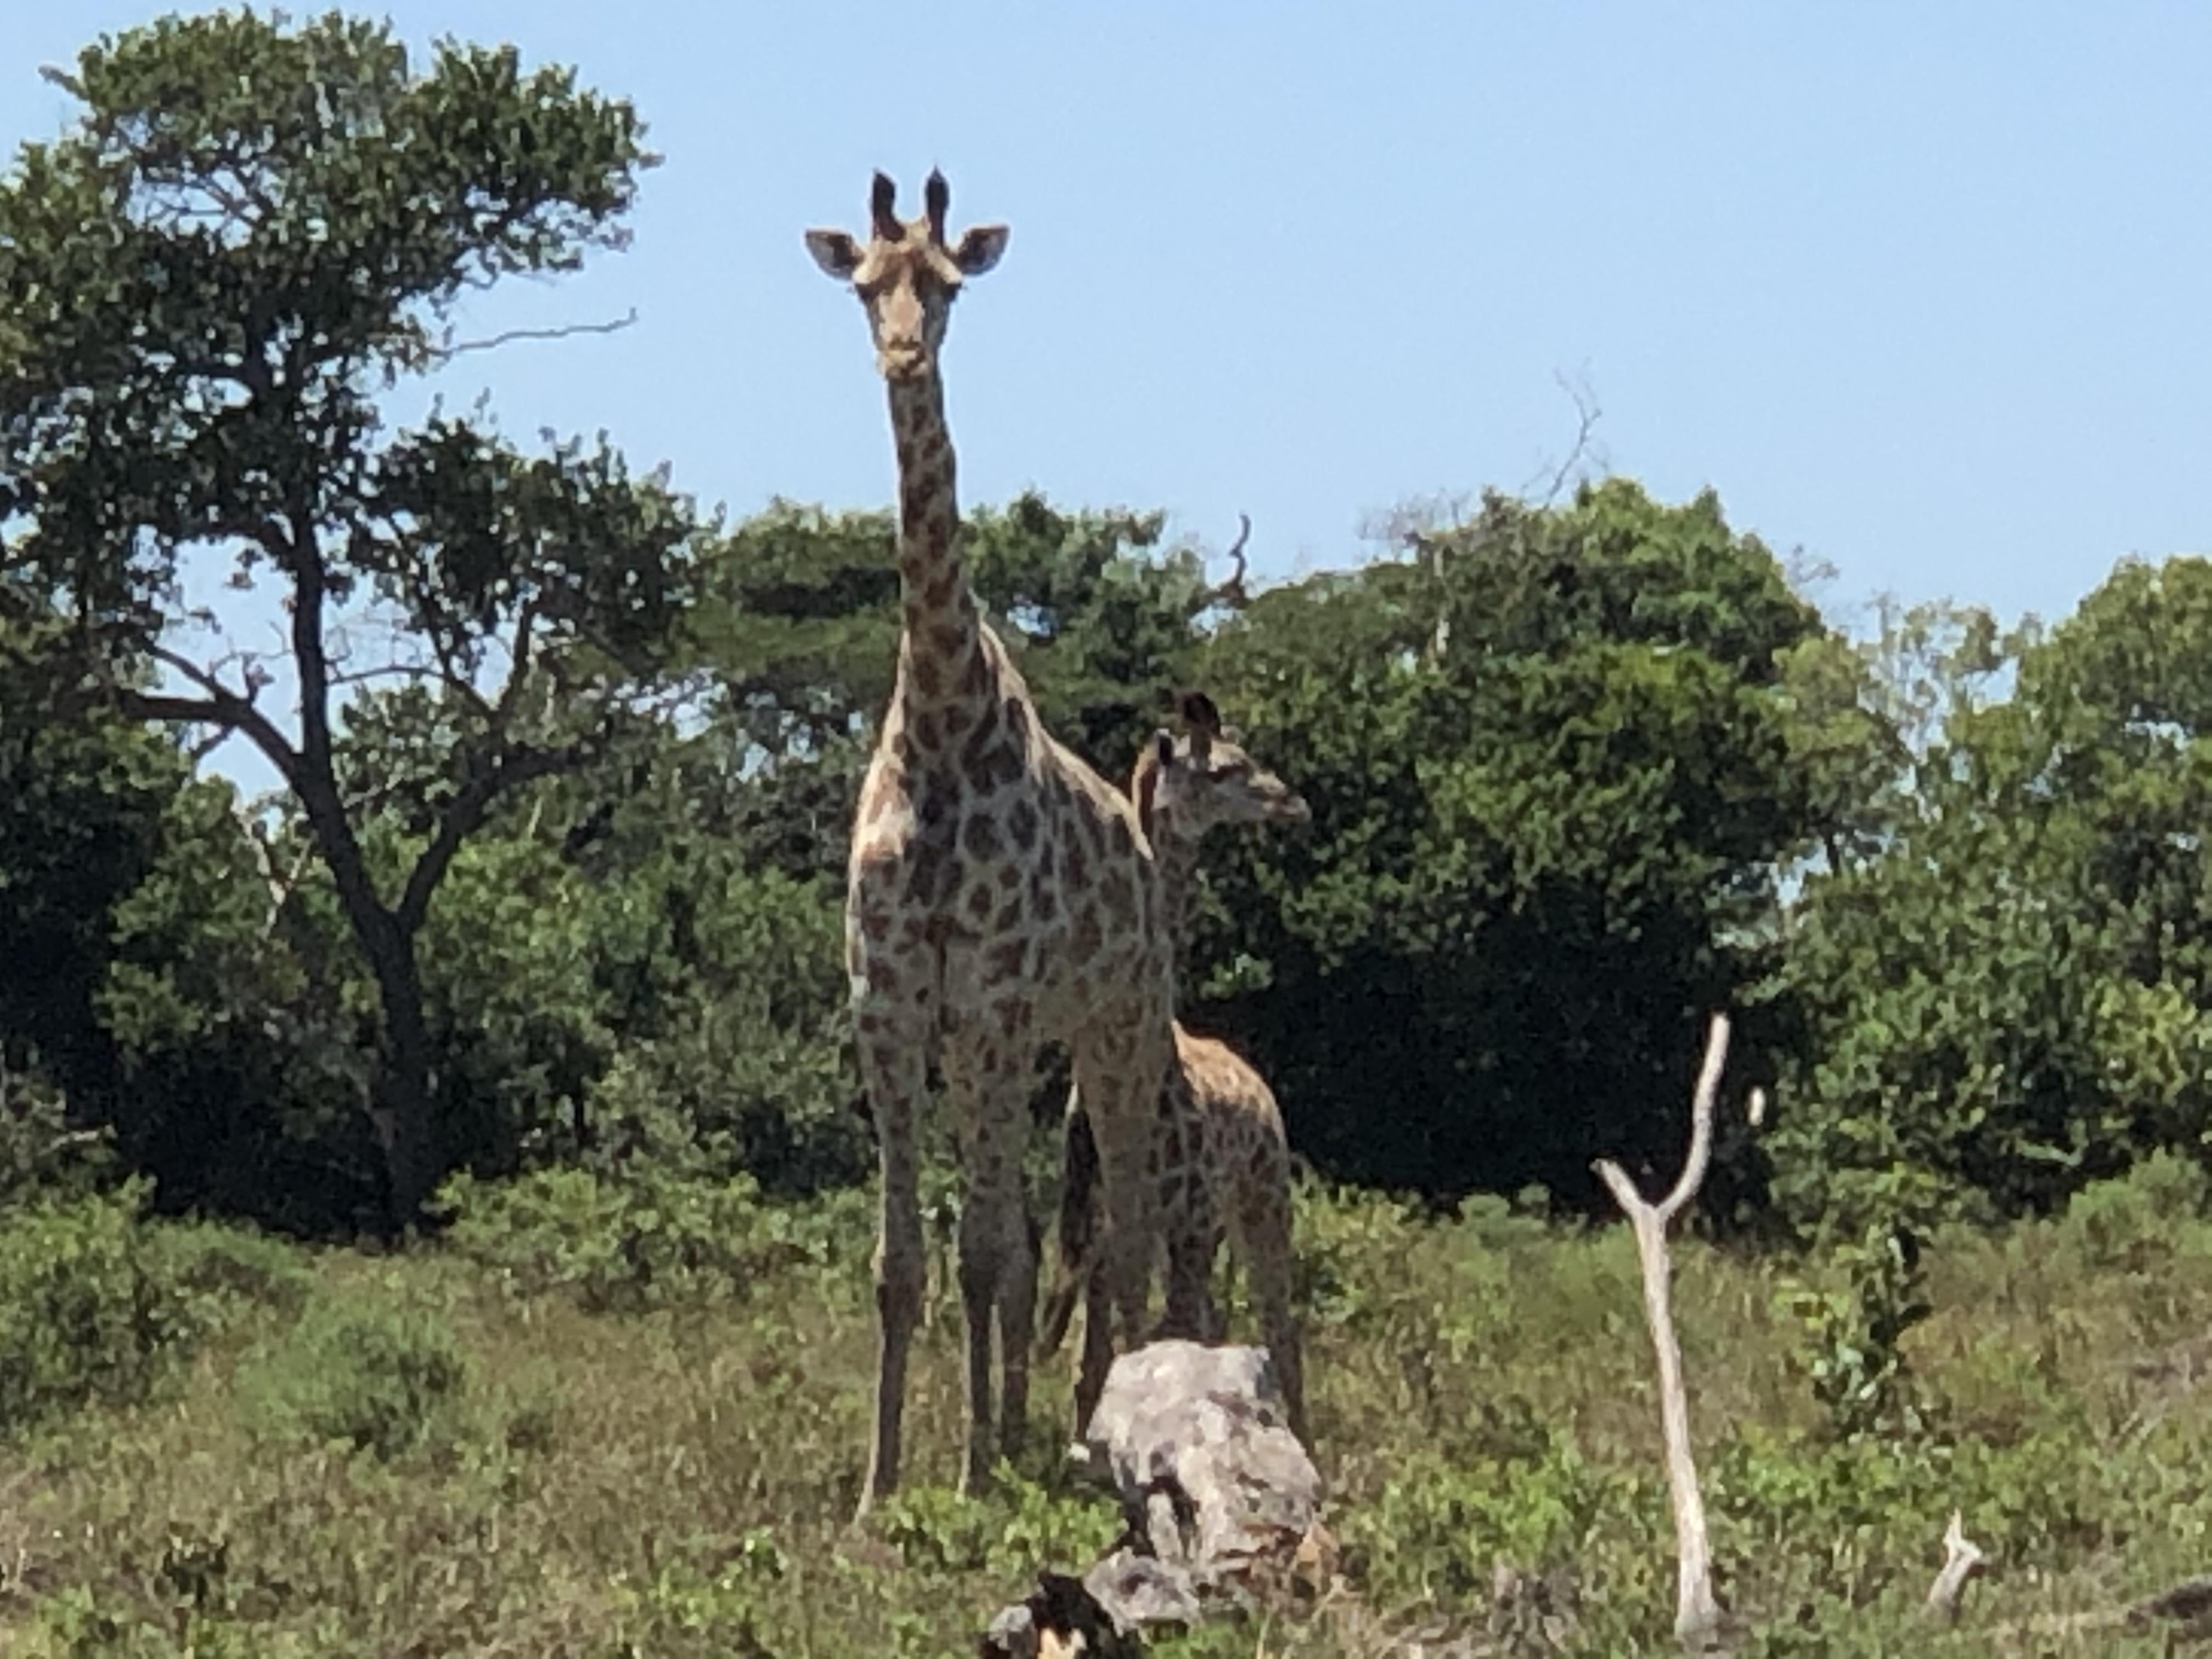 Giraffes at iSimangalisa